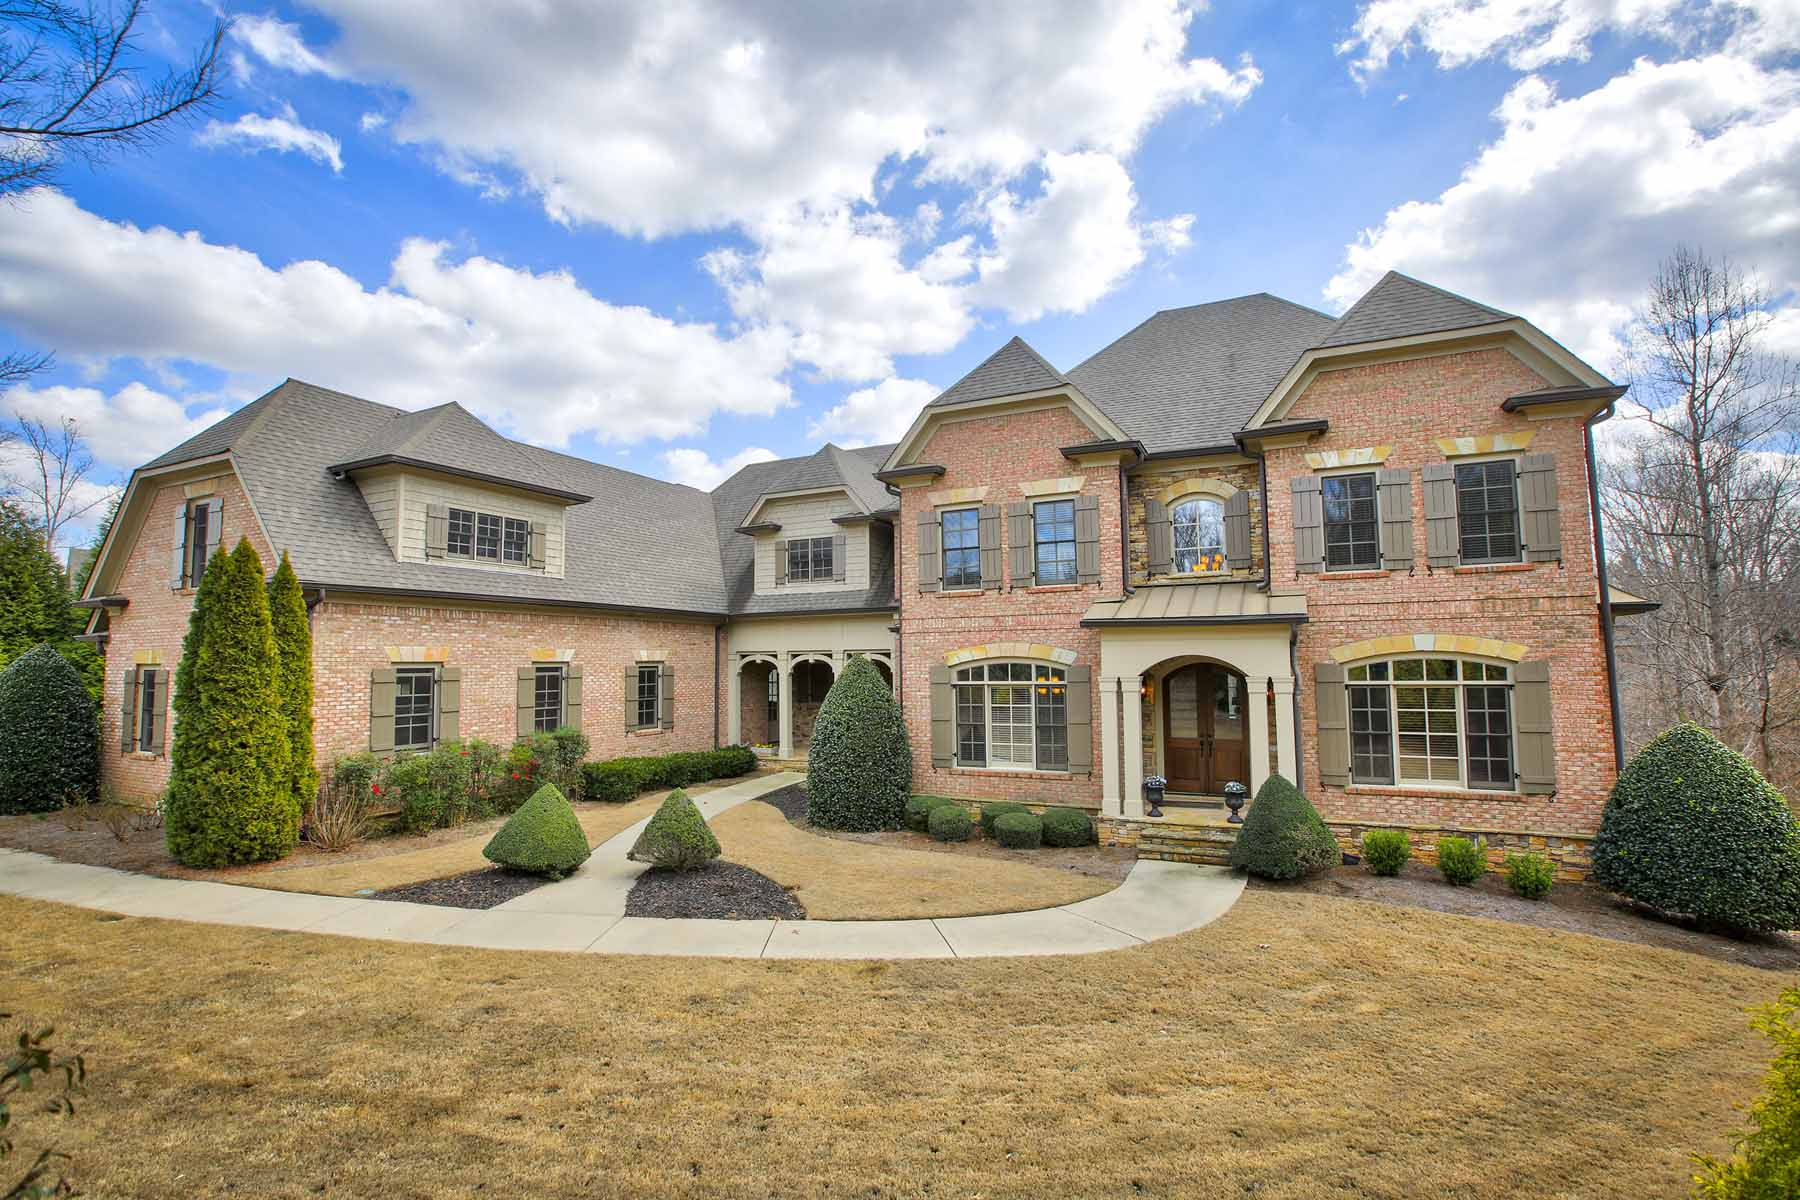 Einfamilienhaus für Verkauf beim Custom Beauty in Overlook at Litchfield 13142 Overlook Pass Roswell, Georgia, 30075 Vereinigte Staaten